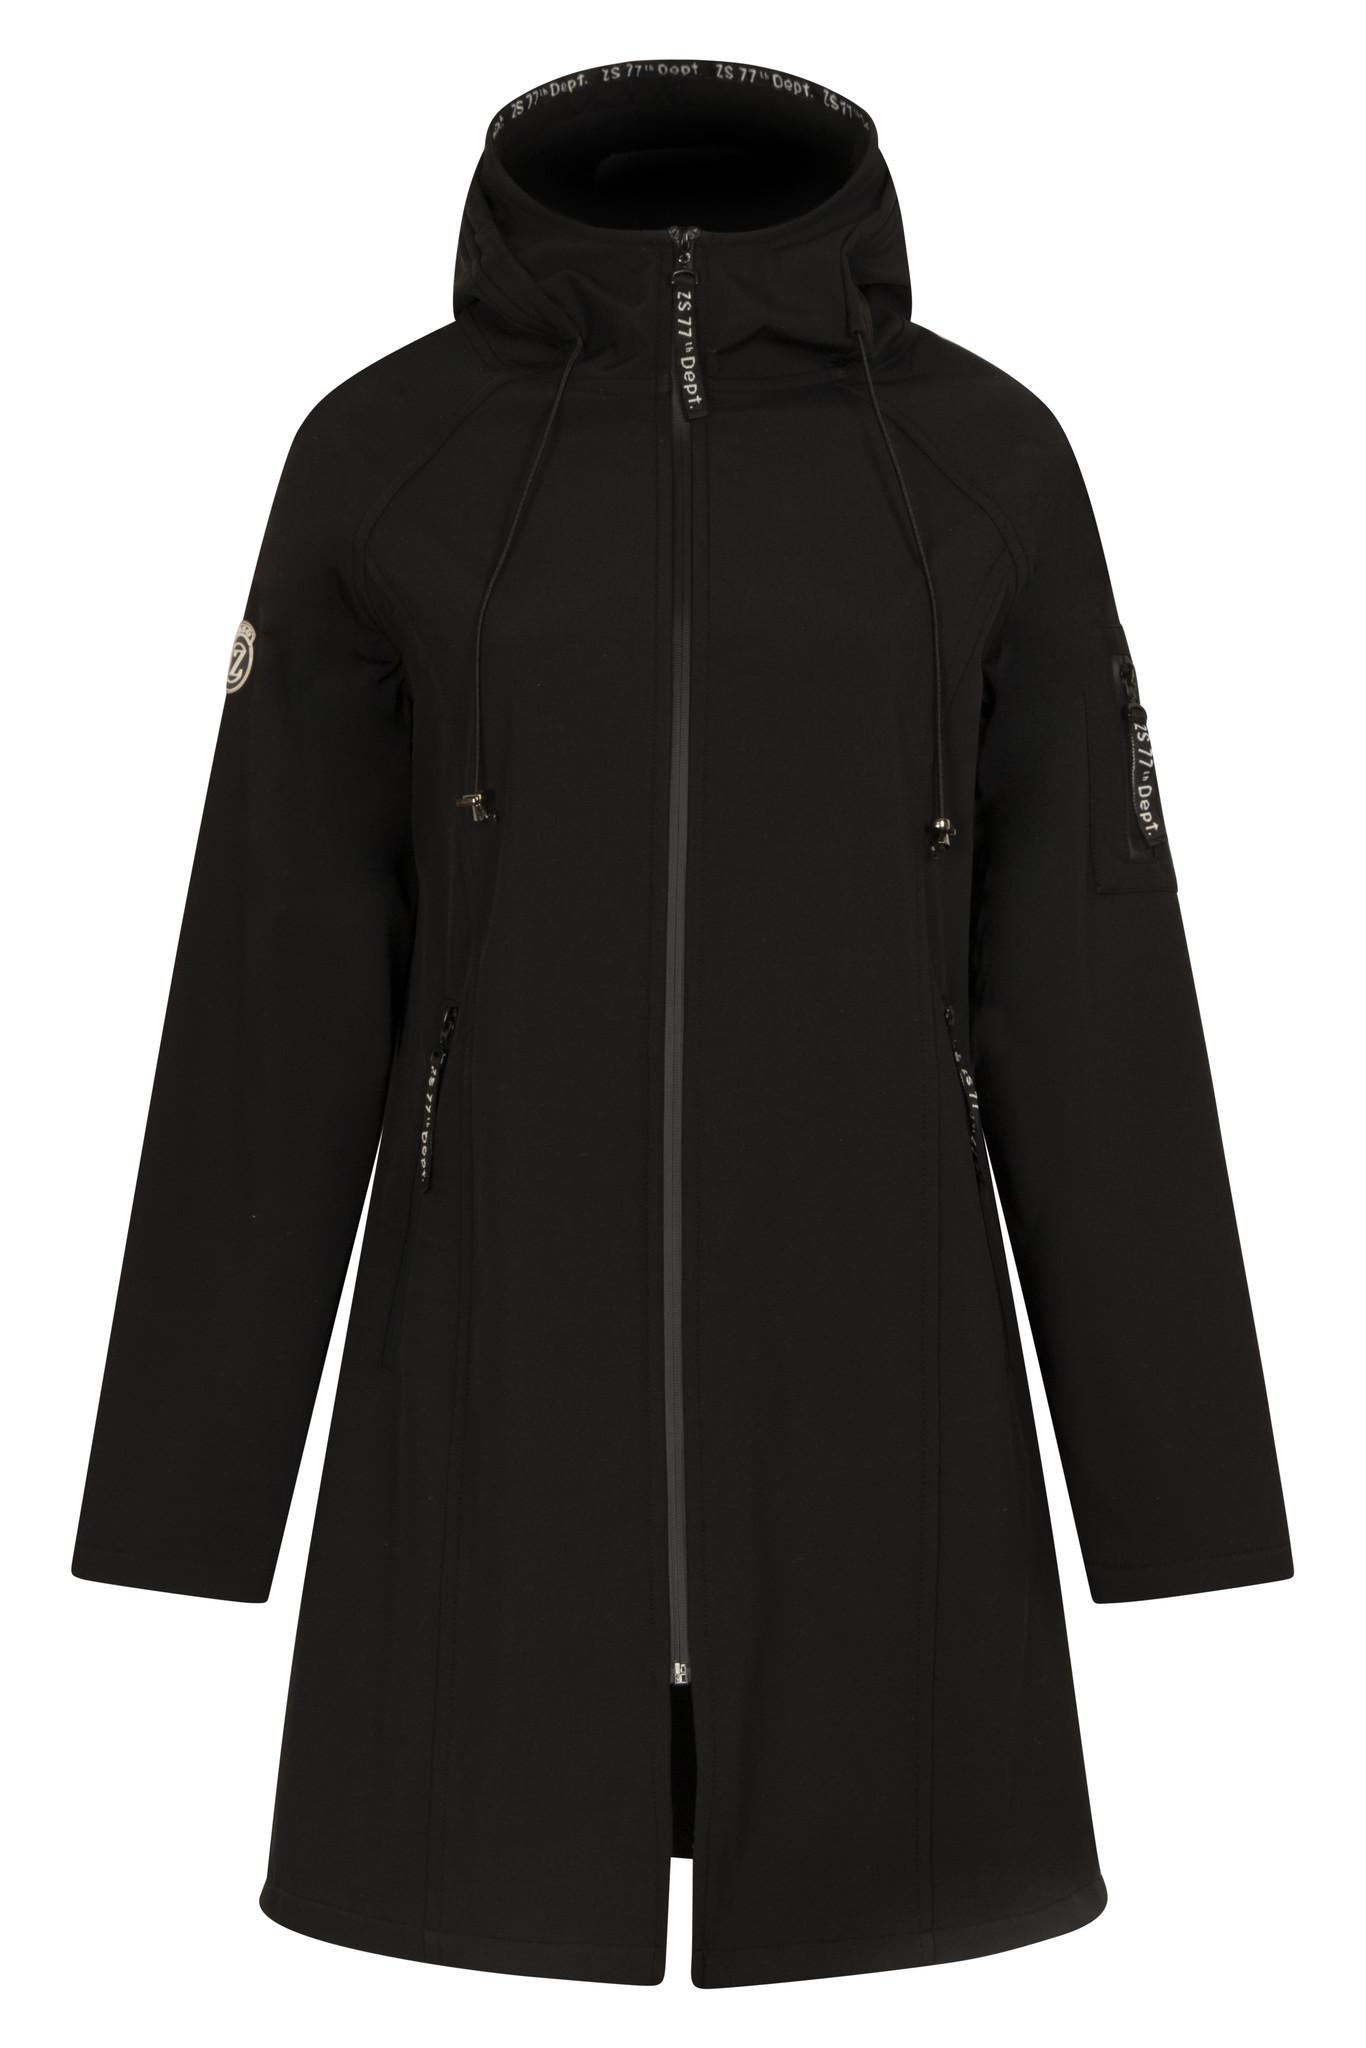 Zoso Zoso Outdoor softshell coat black